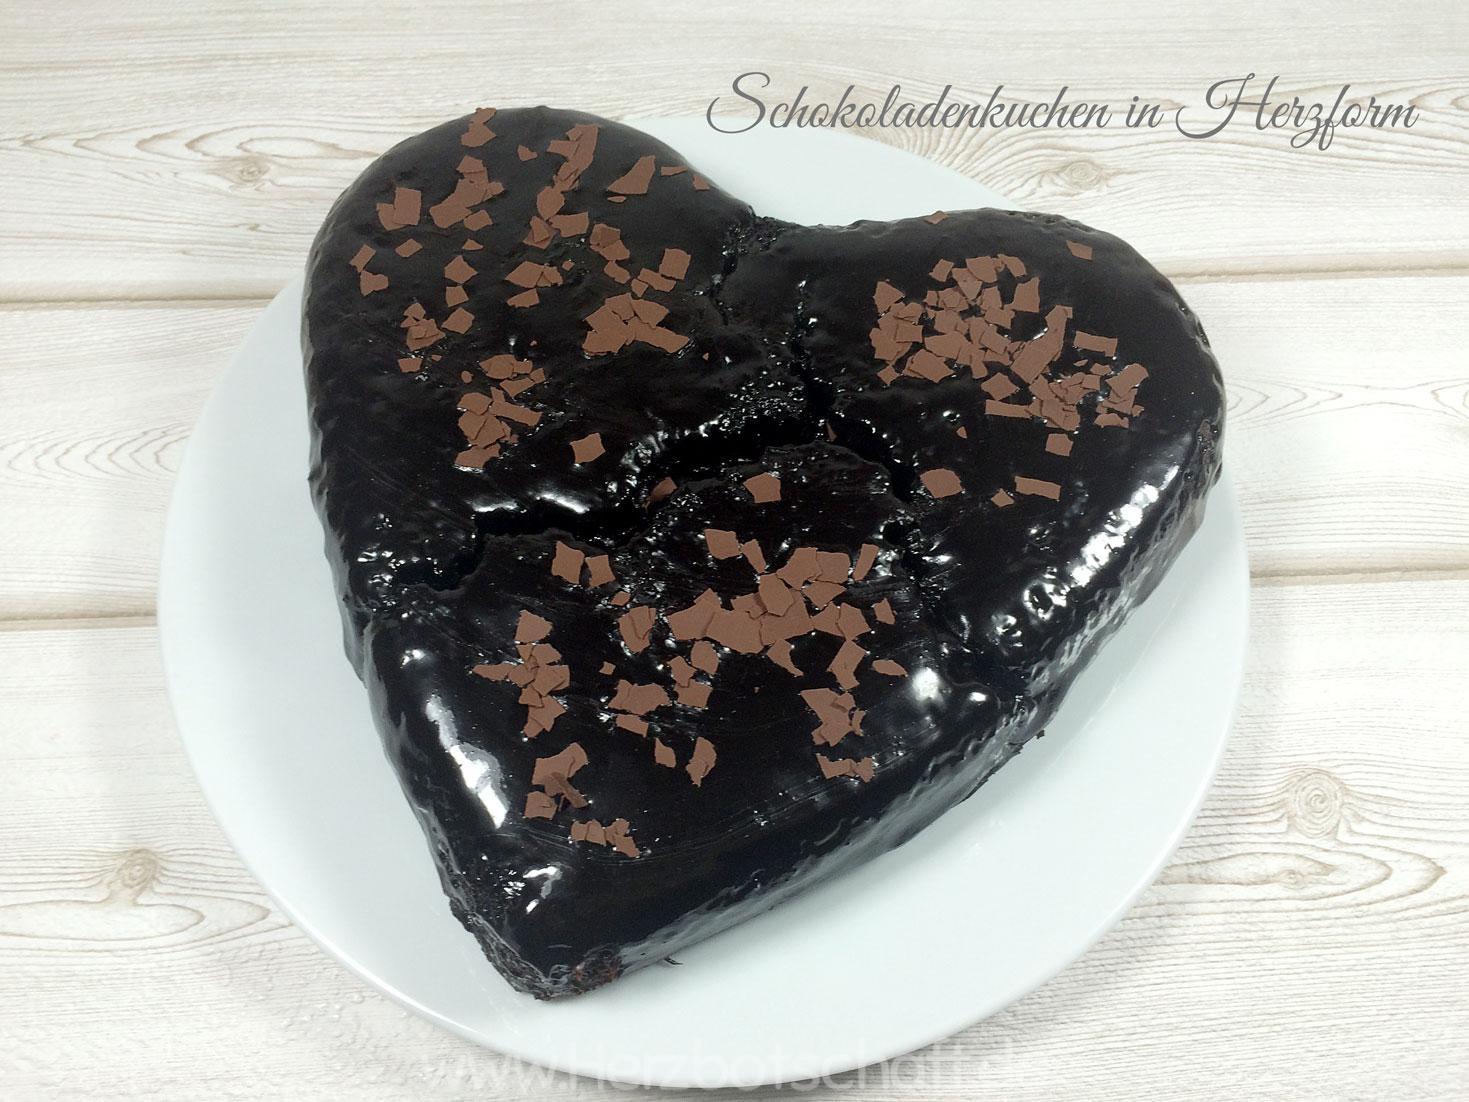 Rezept Schokoladentorte Schokokuchen In Herzform Zum Valentinstag